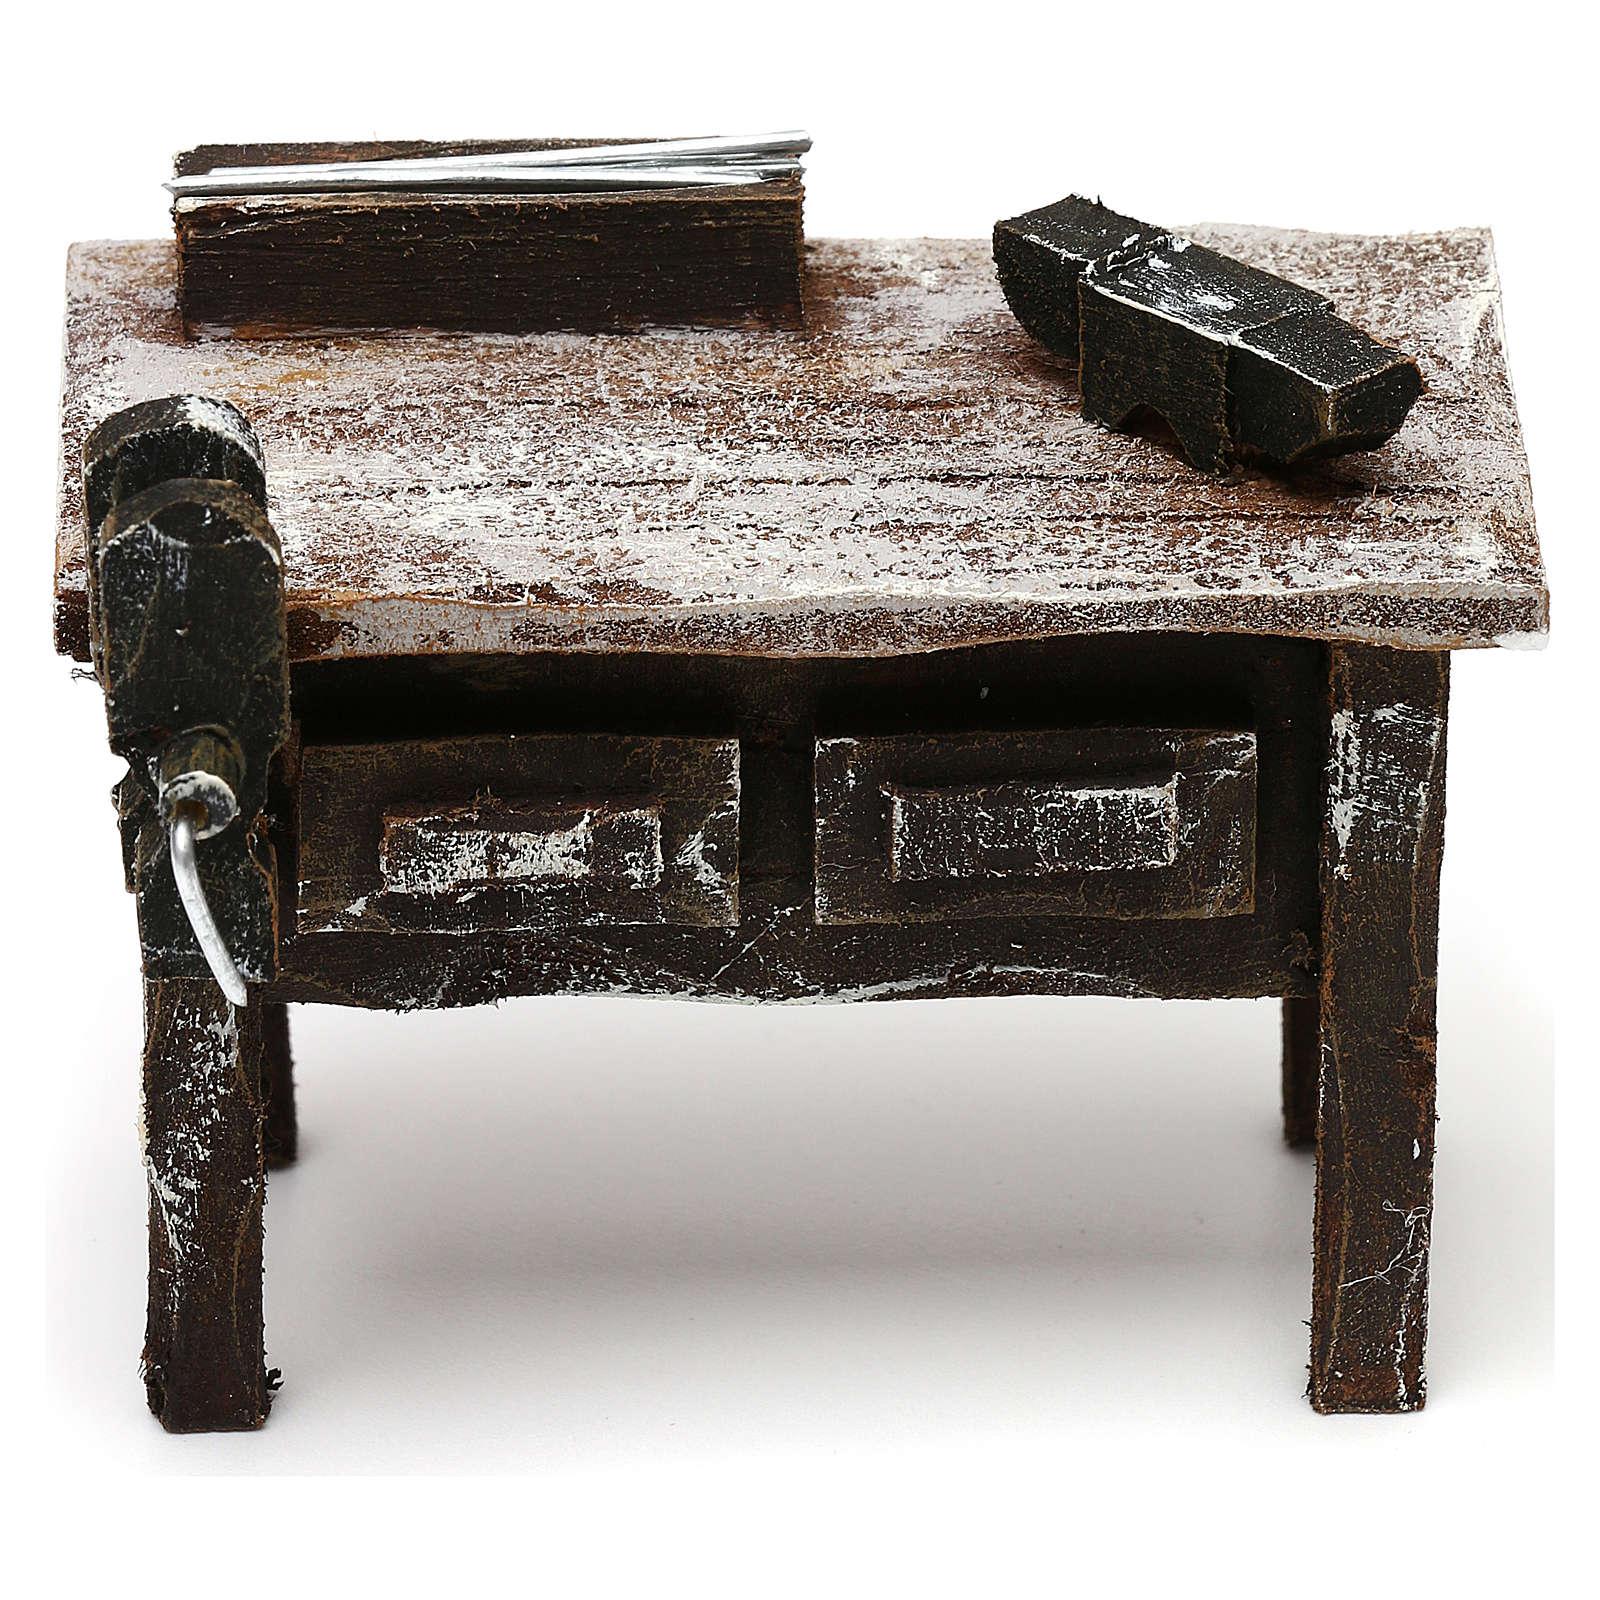 Tavolo lavoro fabbro con attrezzi presepe 12 cm 5x10x5 cm 4